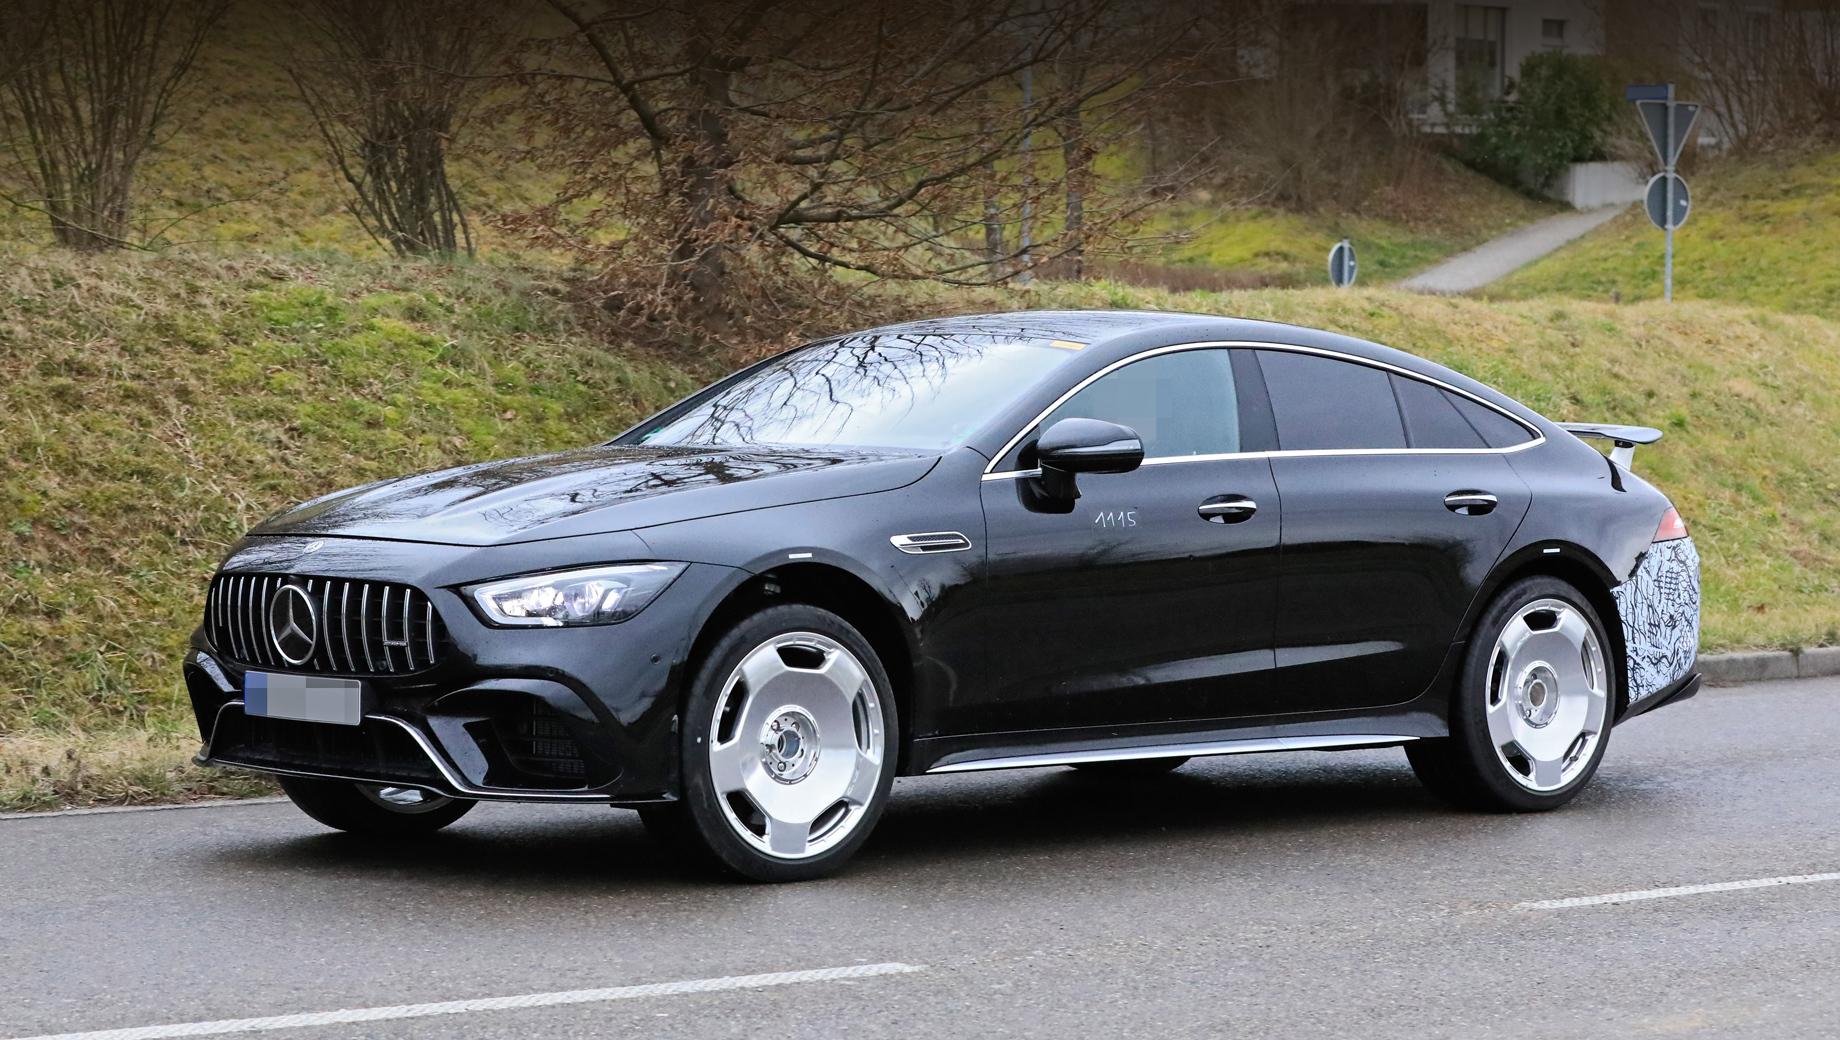 Mercedes amg gt. На испытаниях было поймано два образца мощного гибрида с разными колёсными дисками.